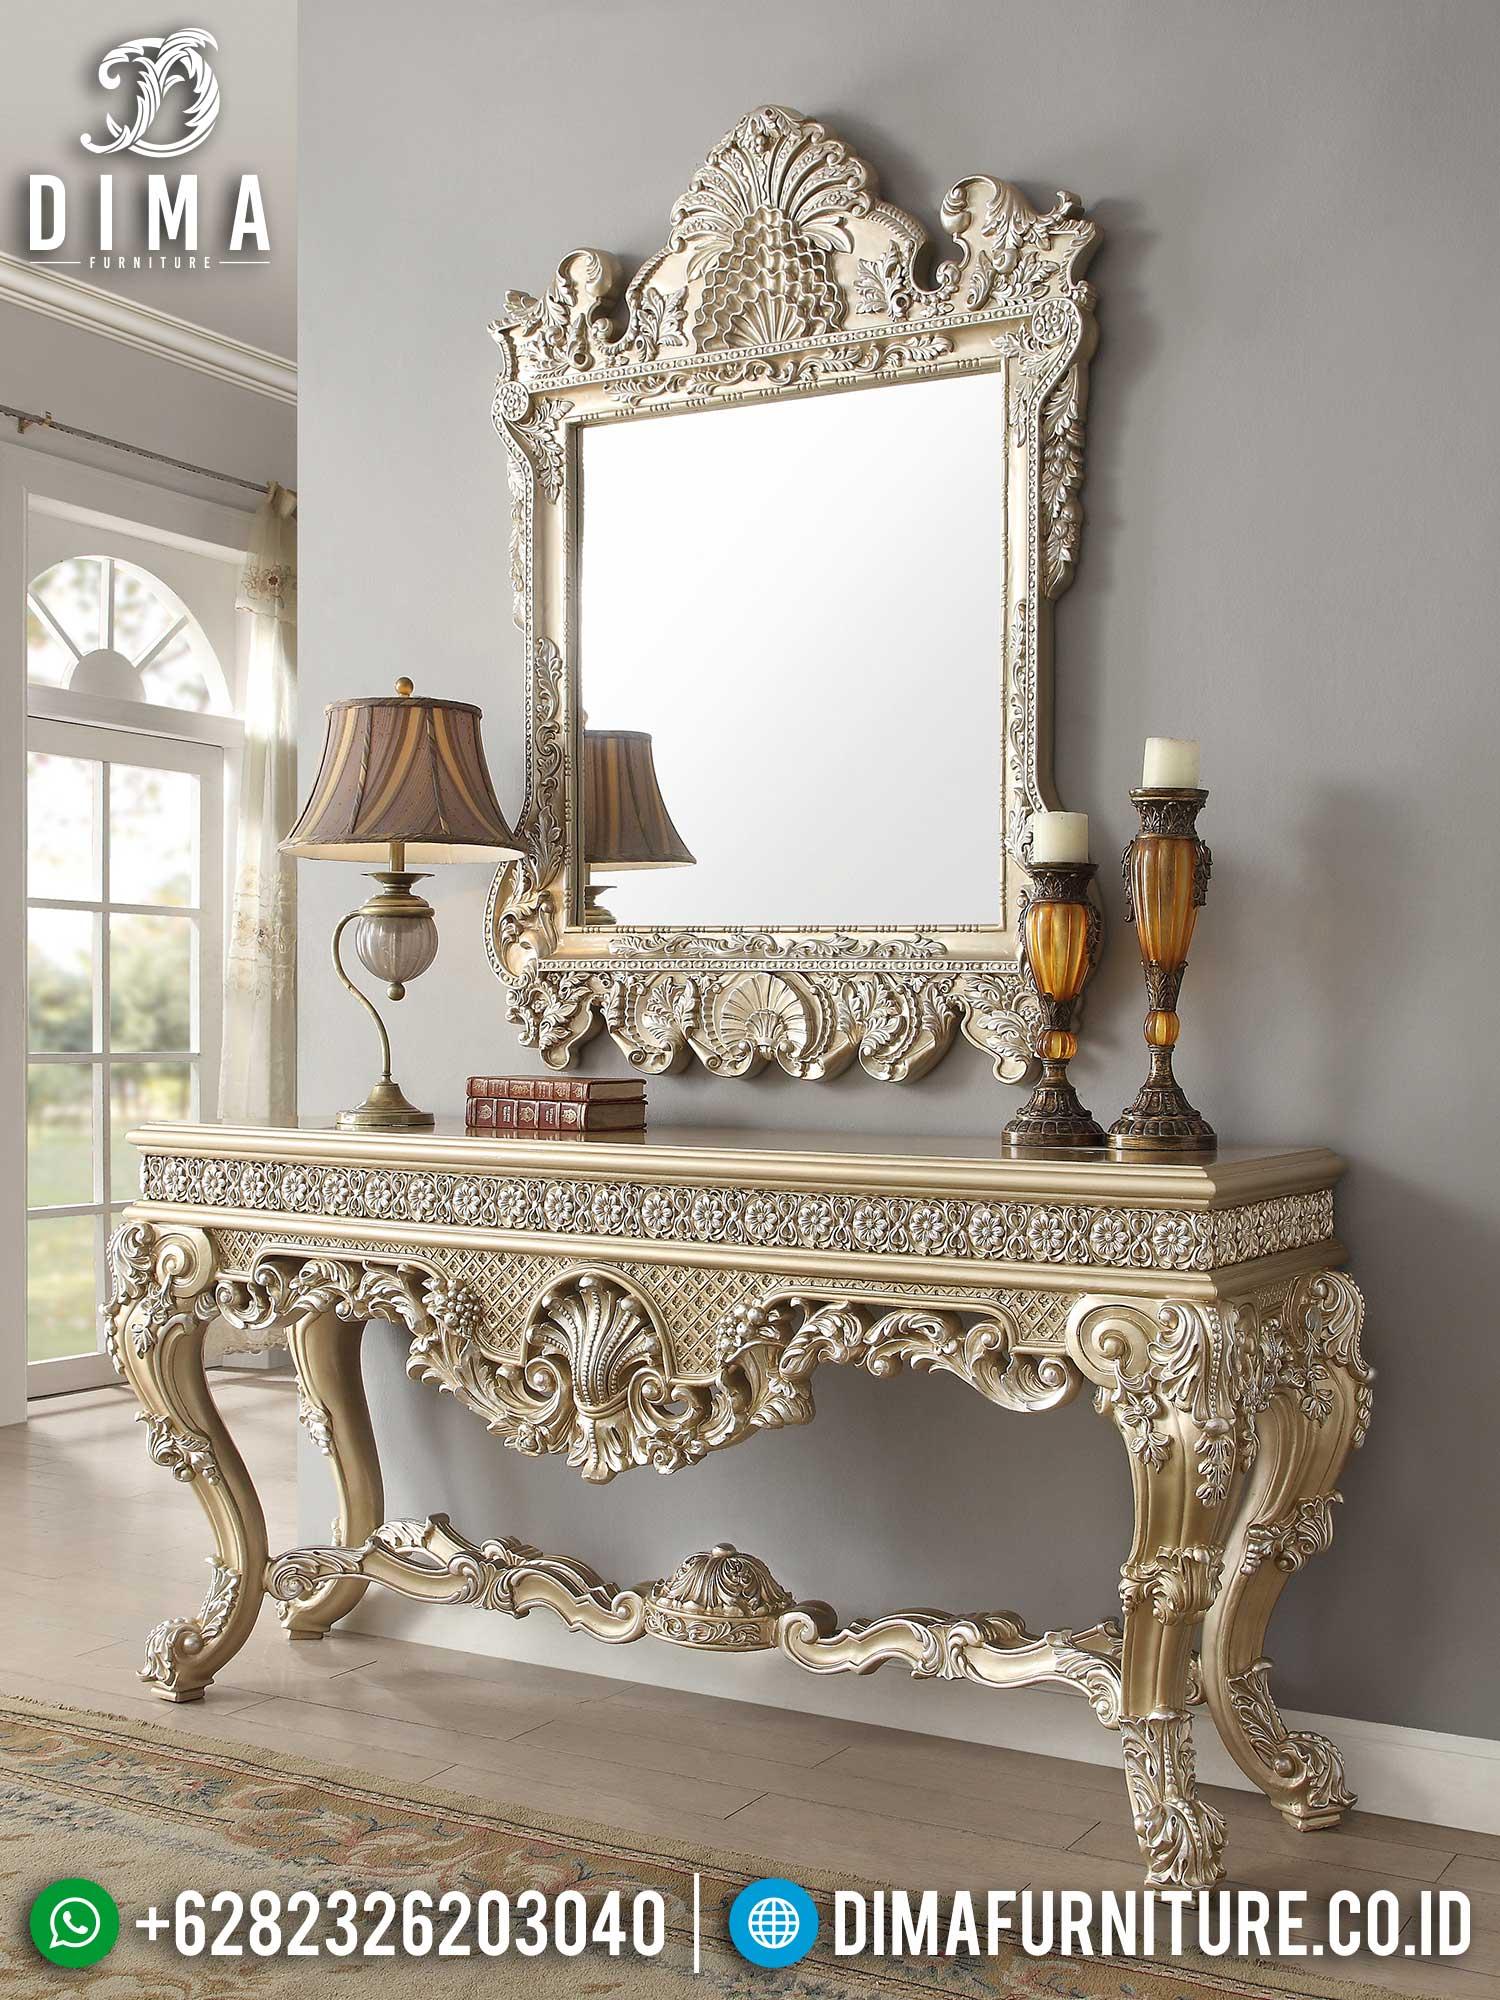 Meja Konsol Mewah Jepara Glorious Style Imperial Classic Luxury TTJ-1425